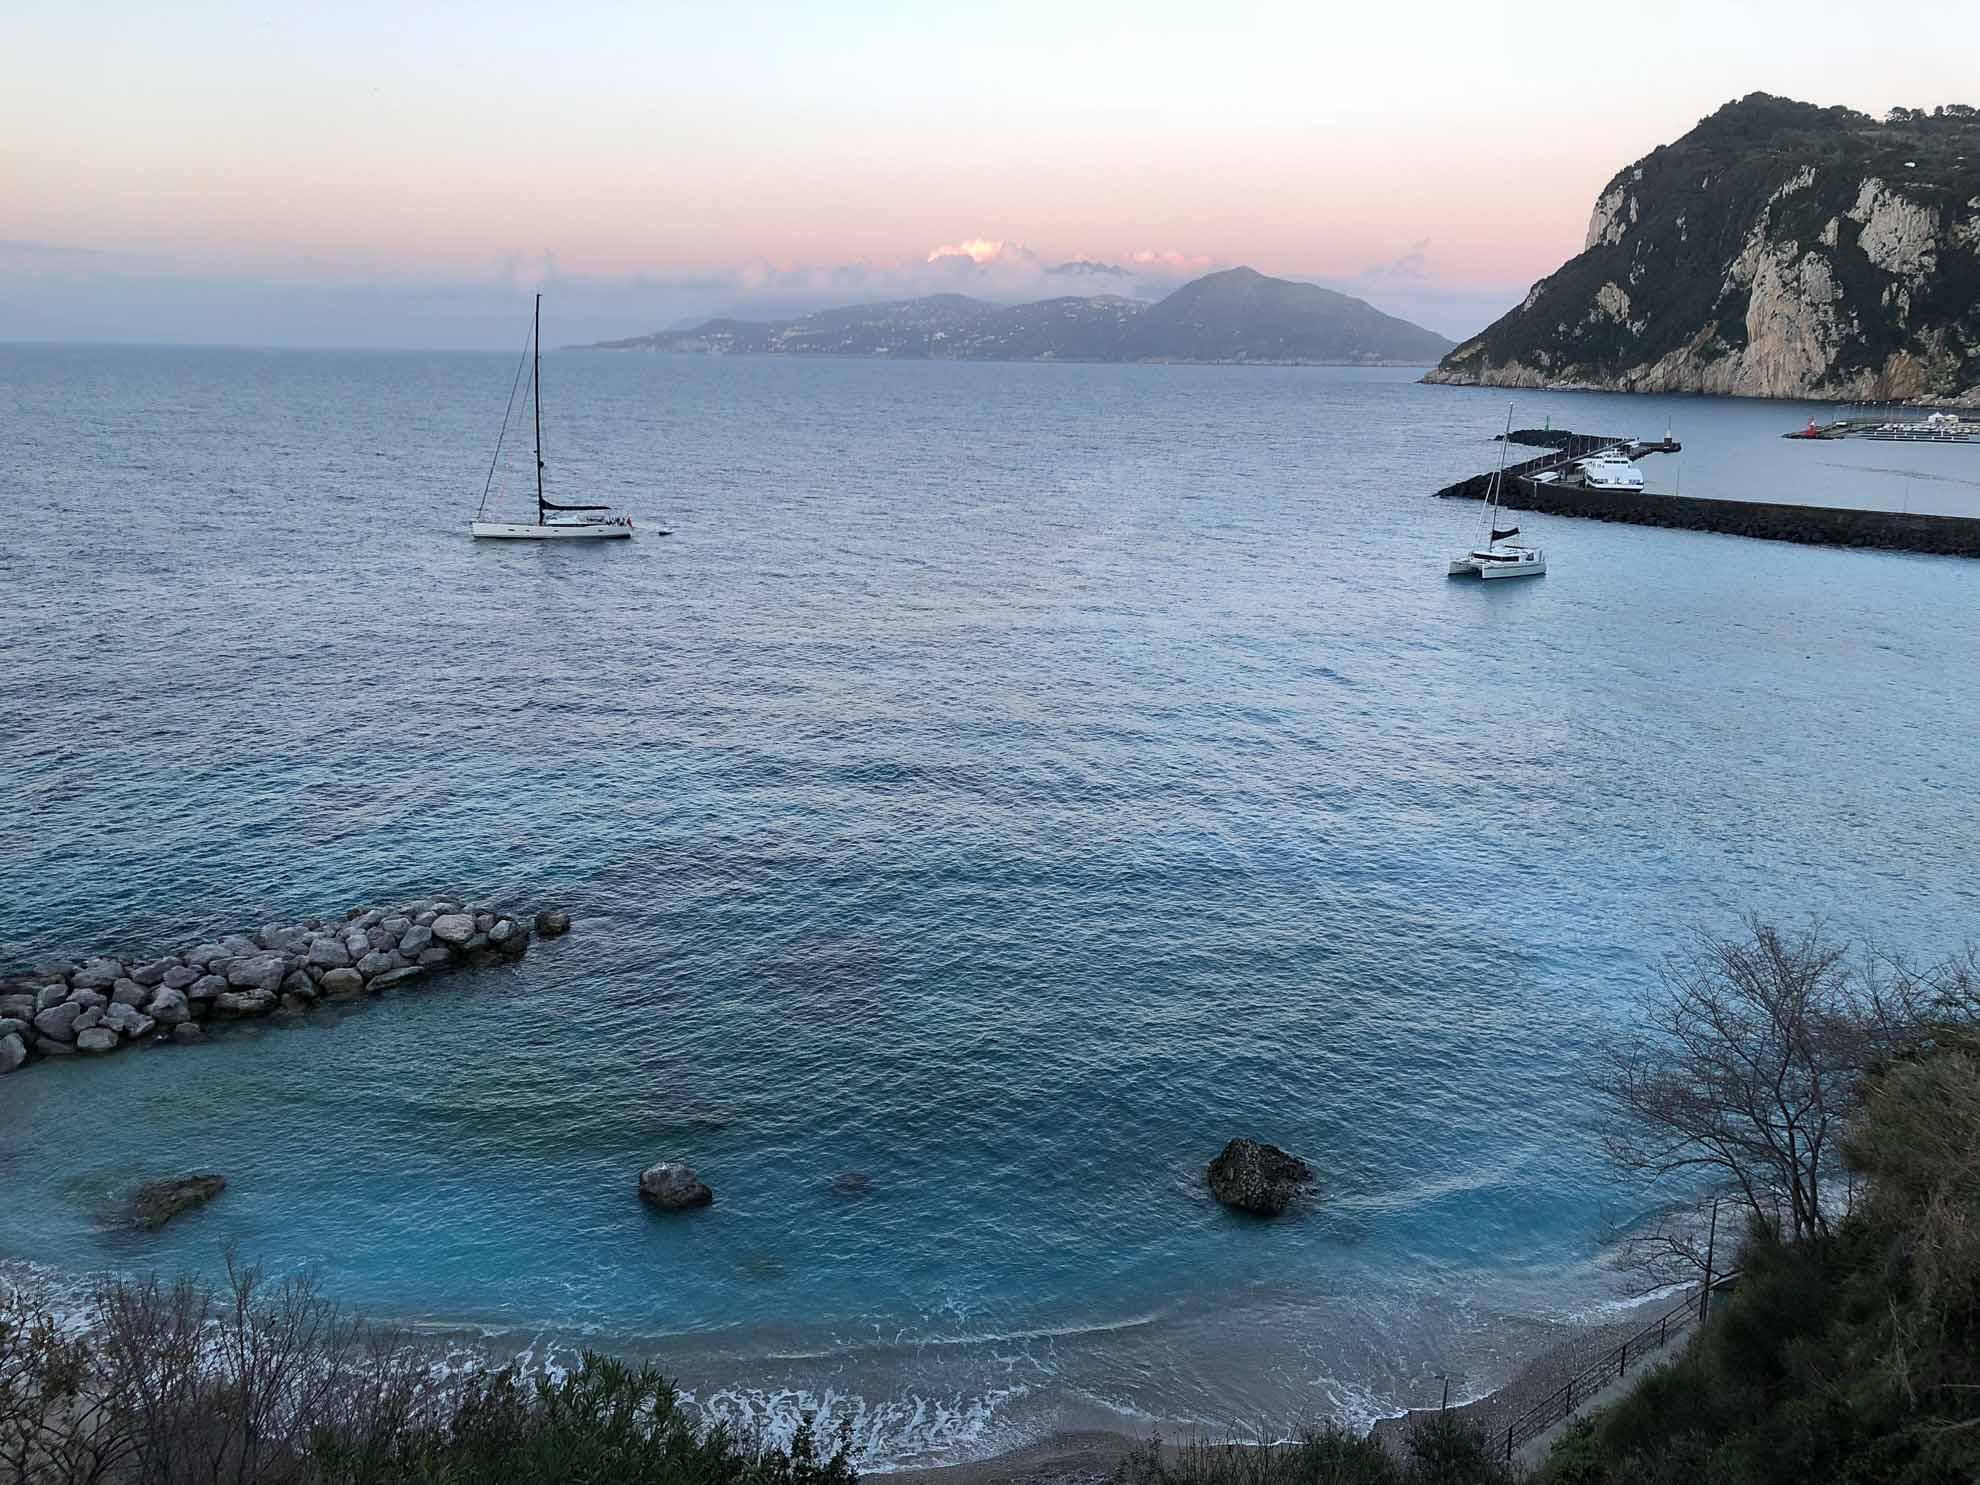 Wir liegen über Nacht im Norden Capris in der Bucht des Hafen Marina Grande vor Anker – außer Malaika ist nur eine weitere Yacht dort, ein Katamaran.